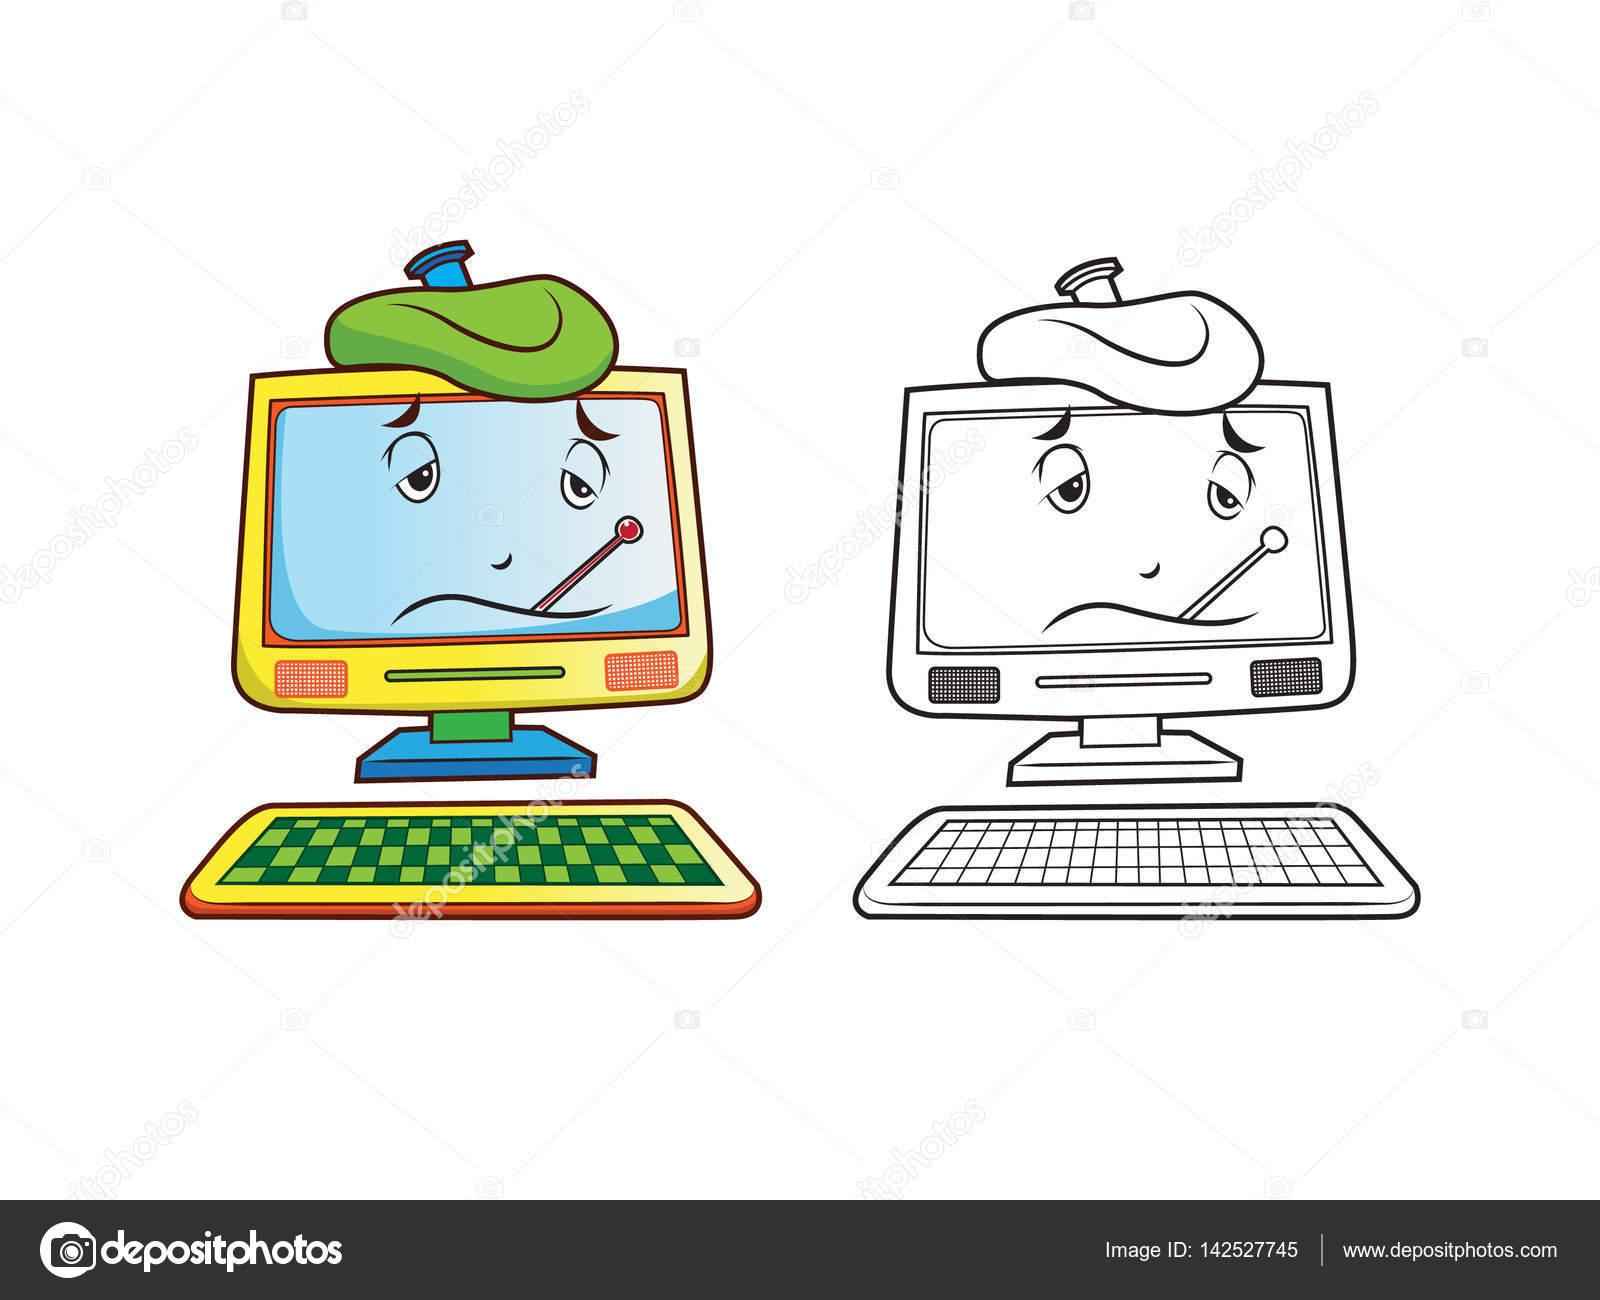 Hasta Bilgisayar Karakter Boyama Sayfaları Stok Vektör